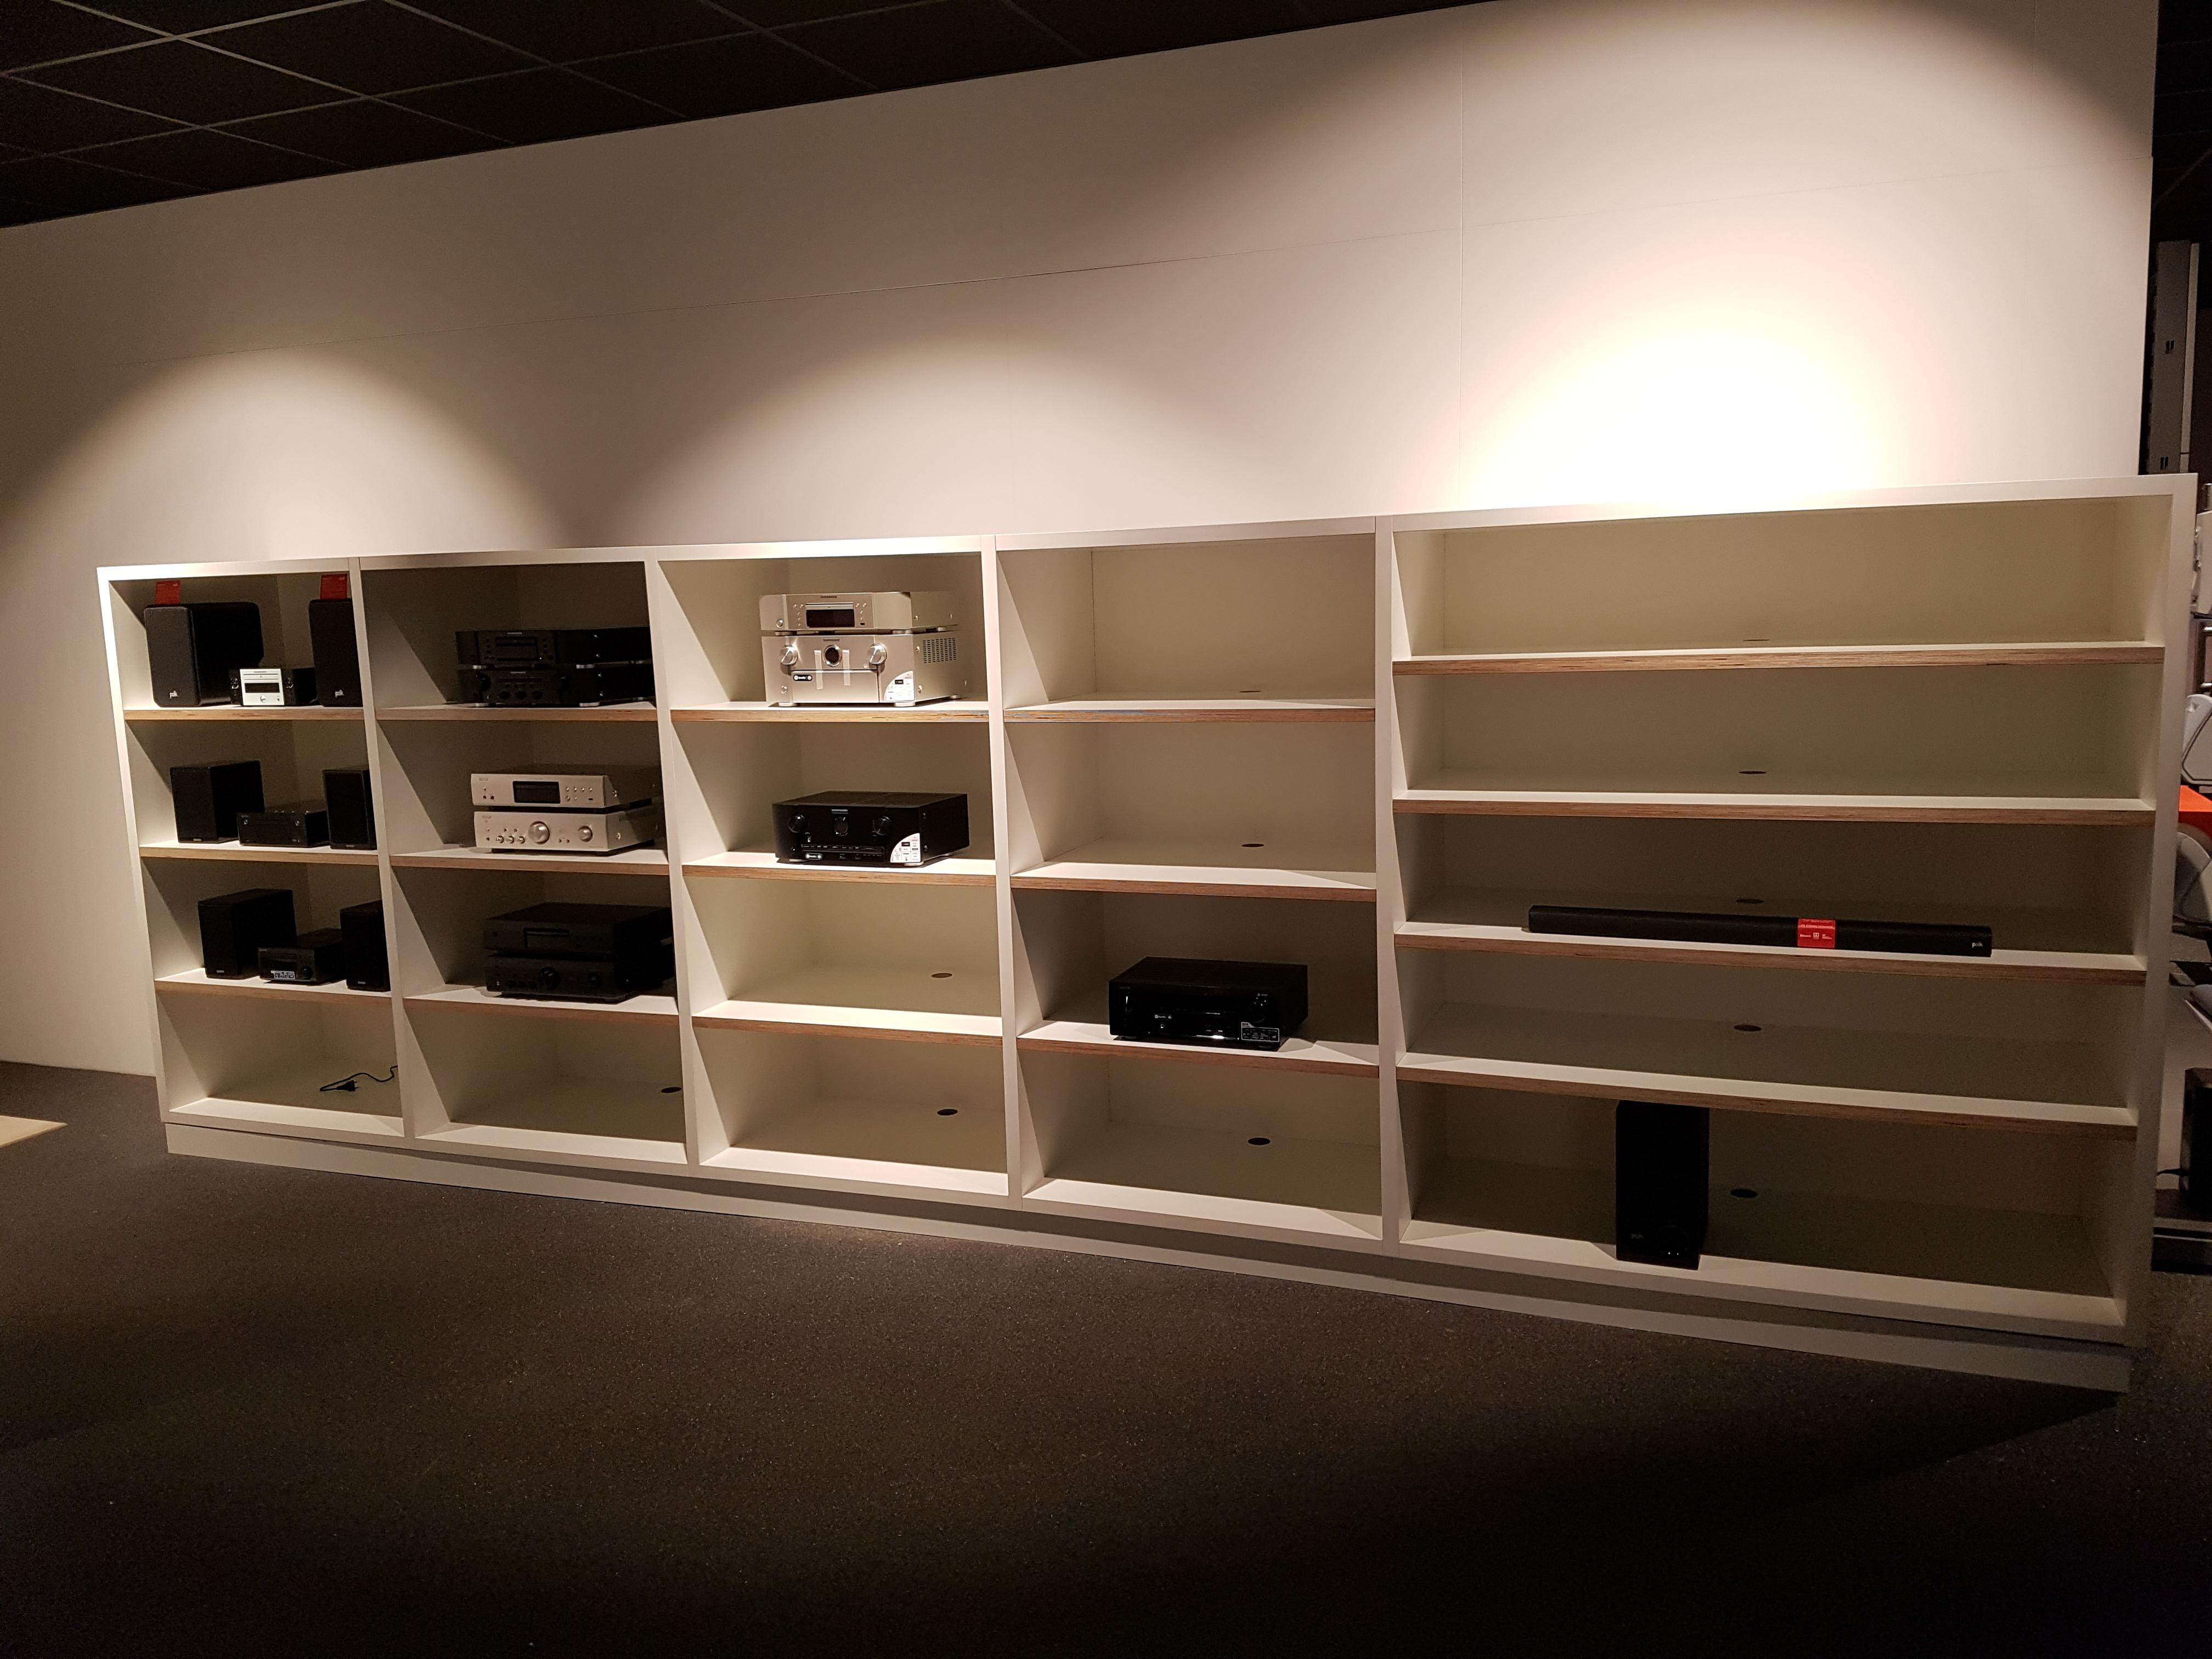 Meubelmaker zaanstad kast maatwerk meubelmaker nikolaas for Meubelmaker amsterdam